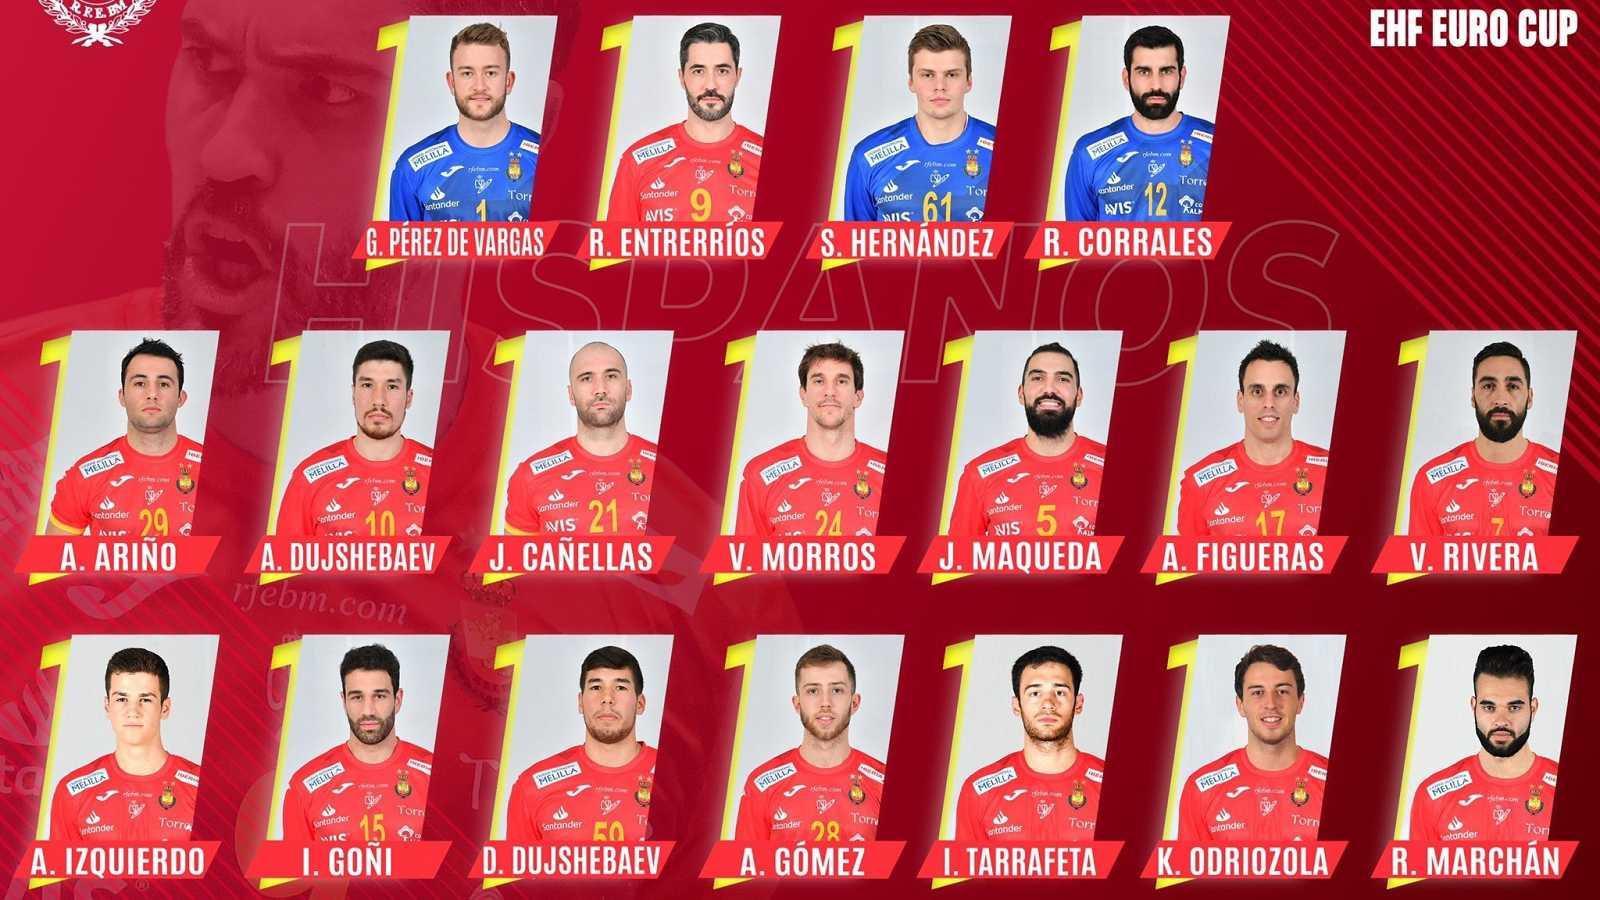 Lista de los 18 convocados para el Europeo 2022 de balonmano